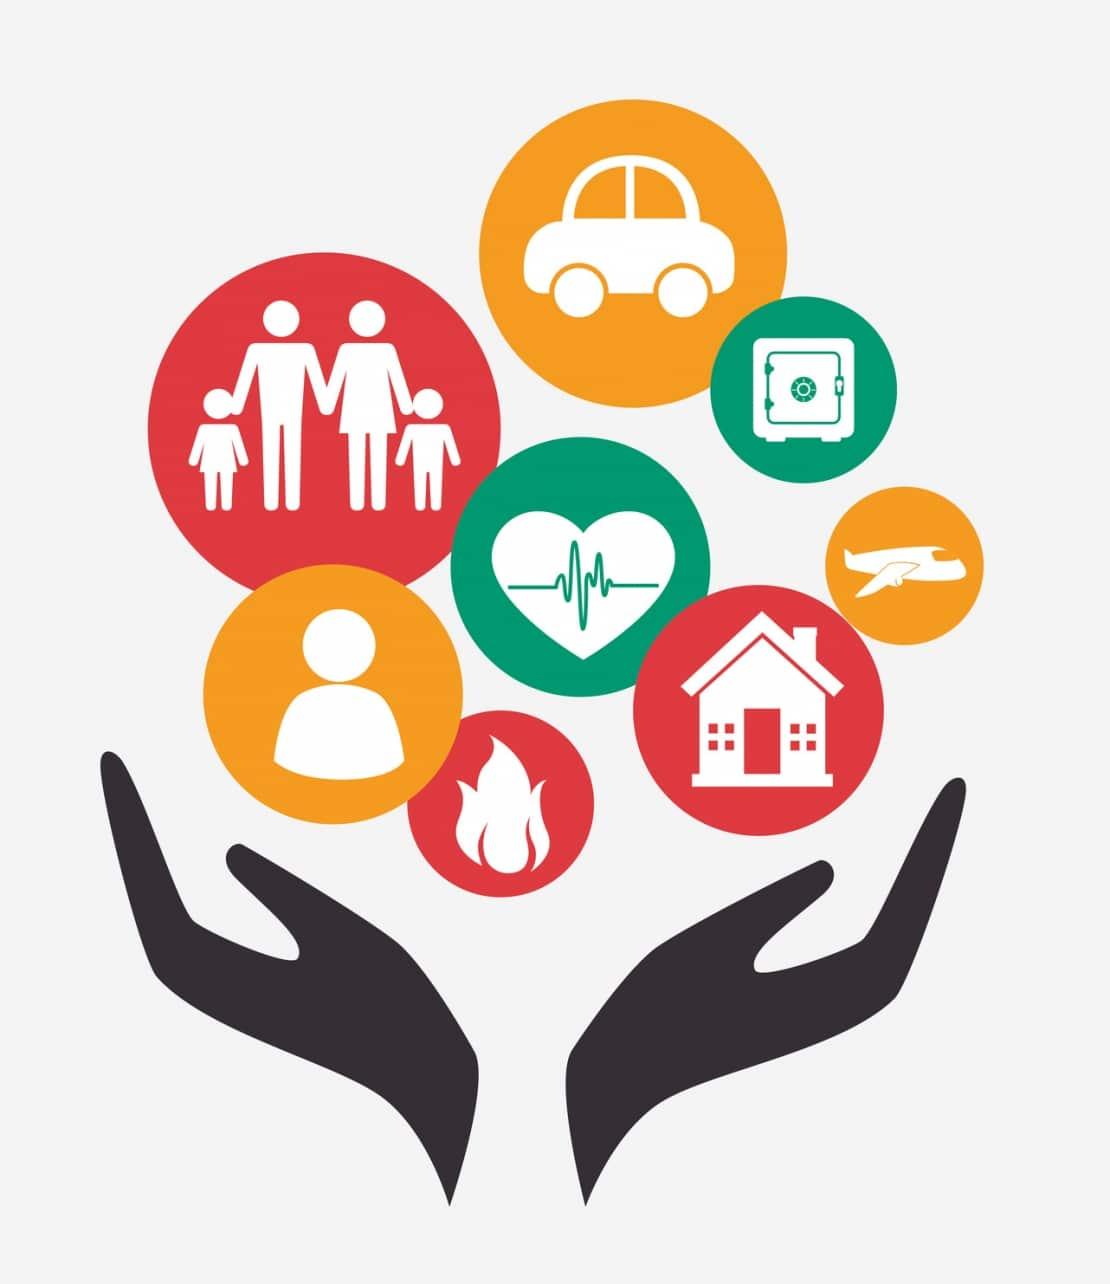 اگریگیتور بیمه، سرویس مقایسه خدمات شرکتهای بیمه